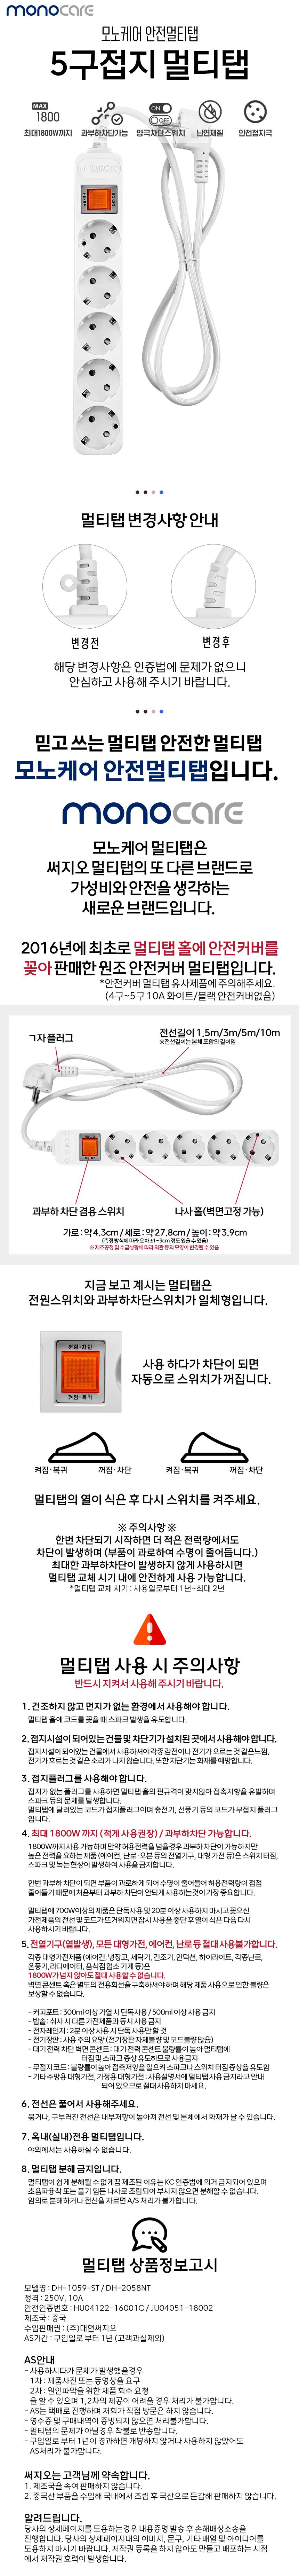 대현써지오 대현써지오 모노케어 5구 10A 메인 스위치 멀티탭 (5m)